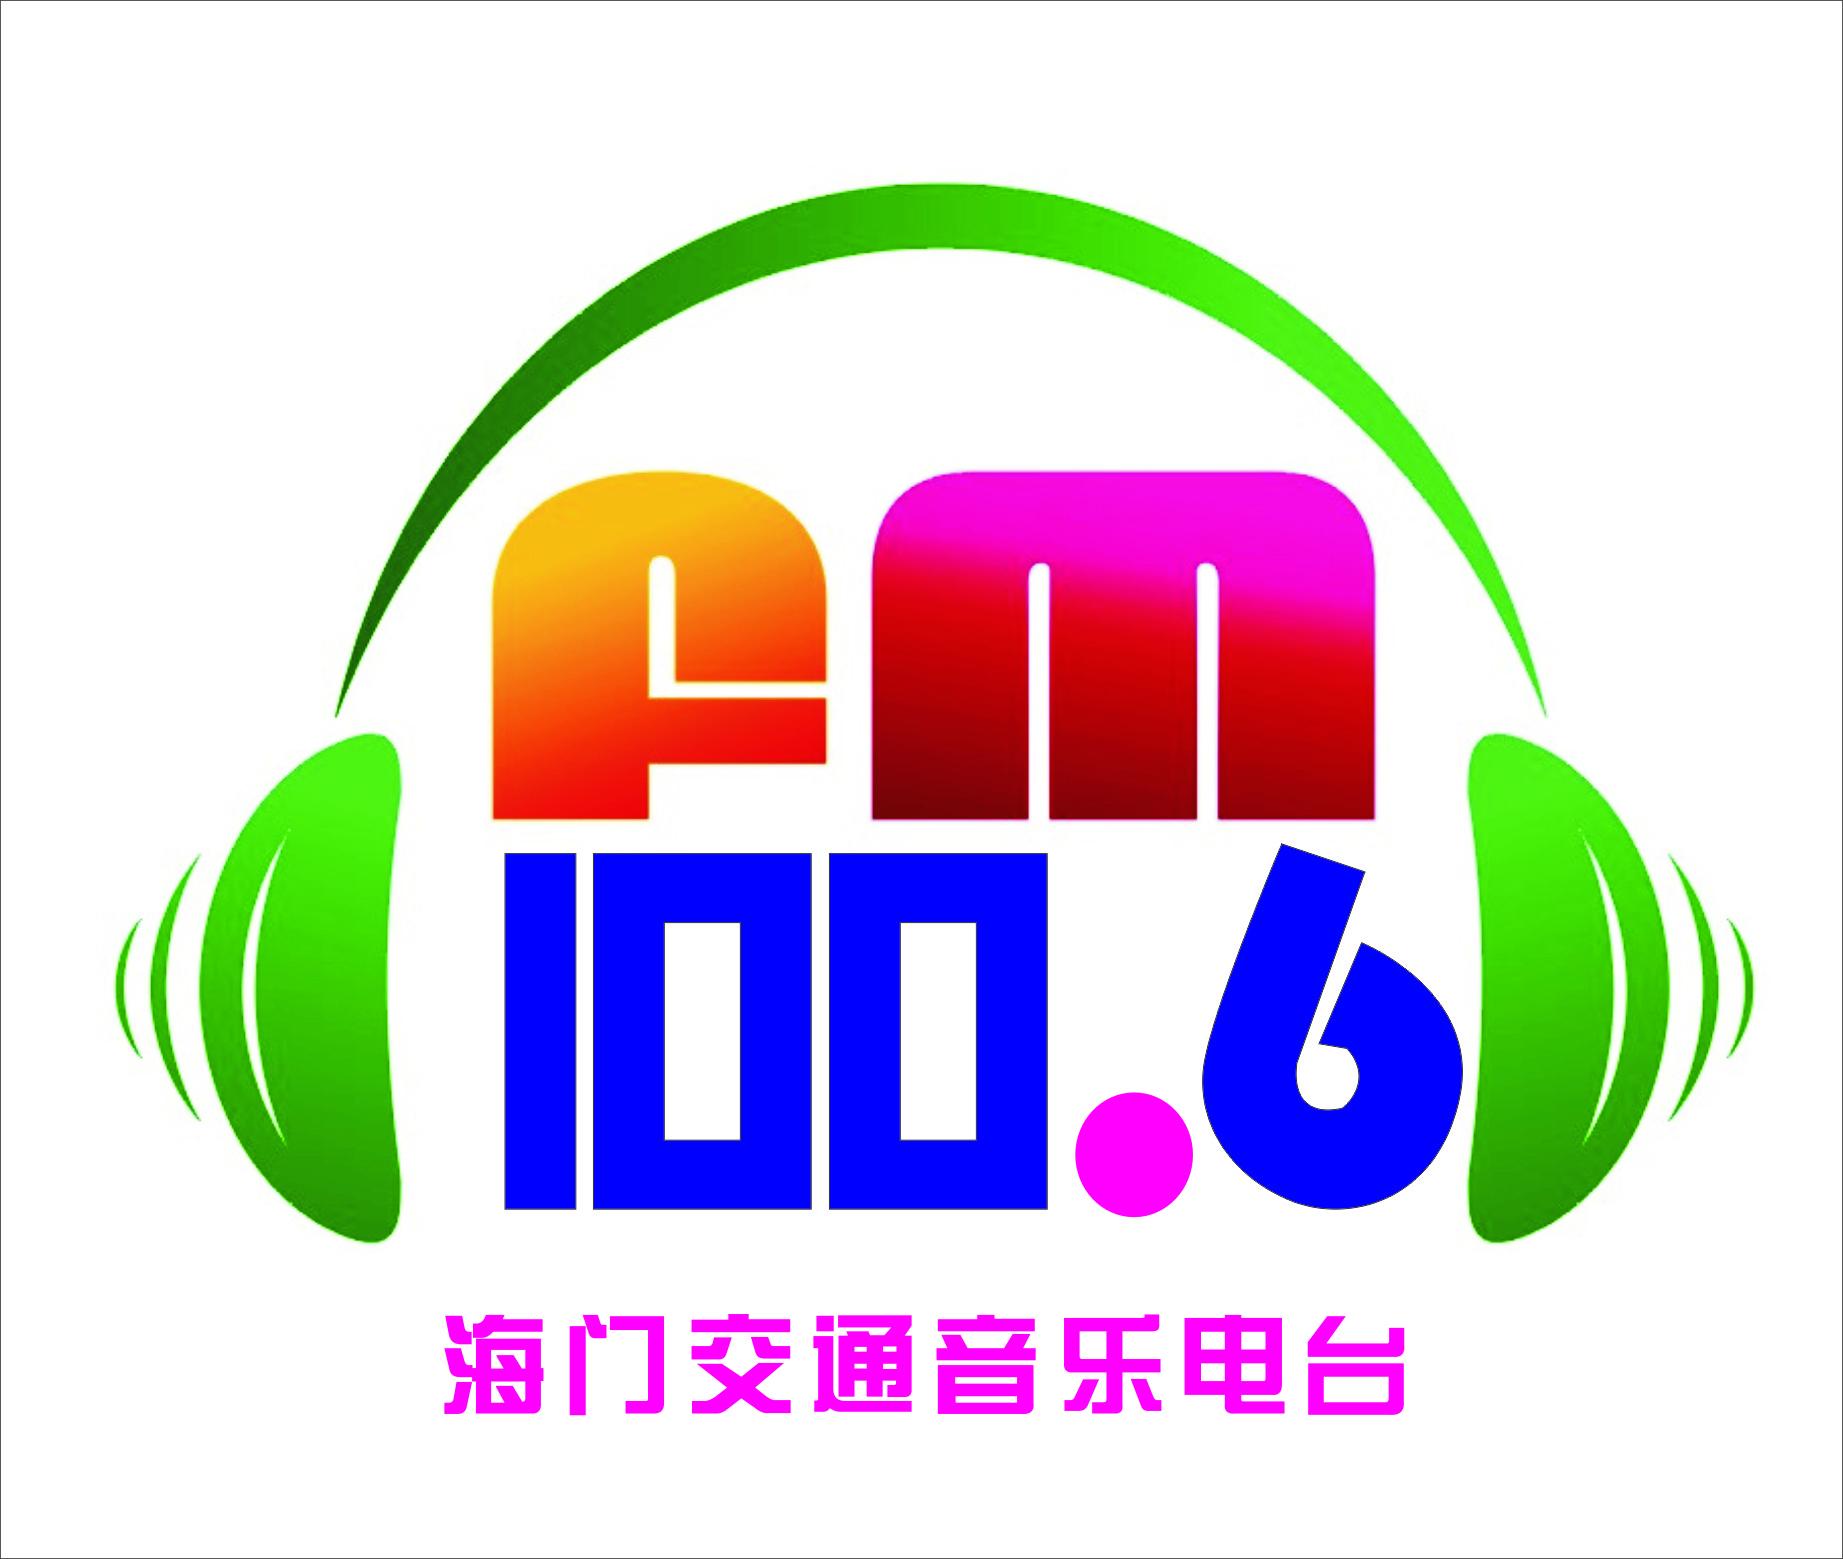 龙广交通台在线收听_江苏广播电台-江苏电台在线收听-蜻蜓FM电台-第7页